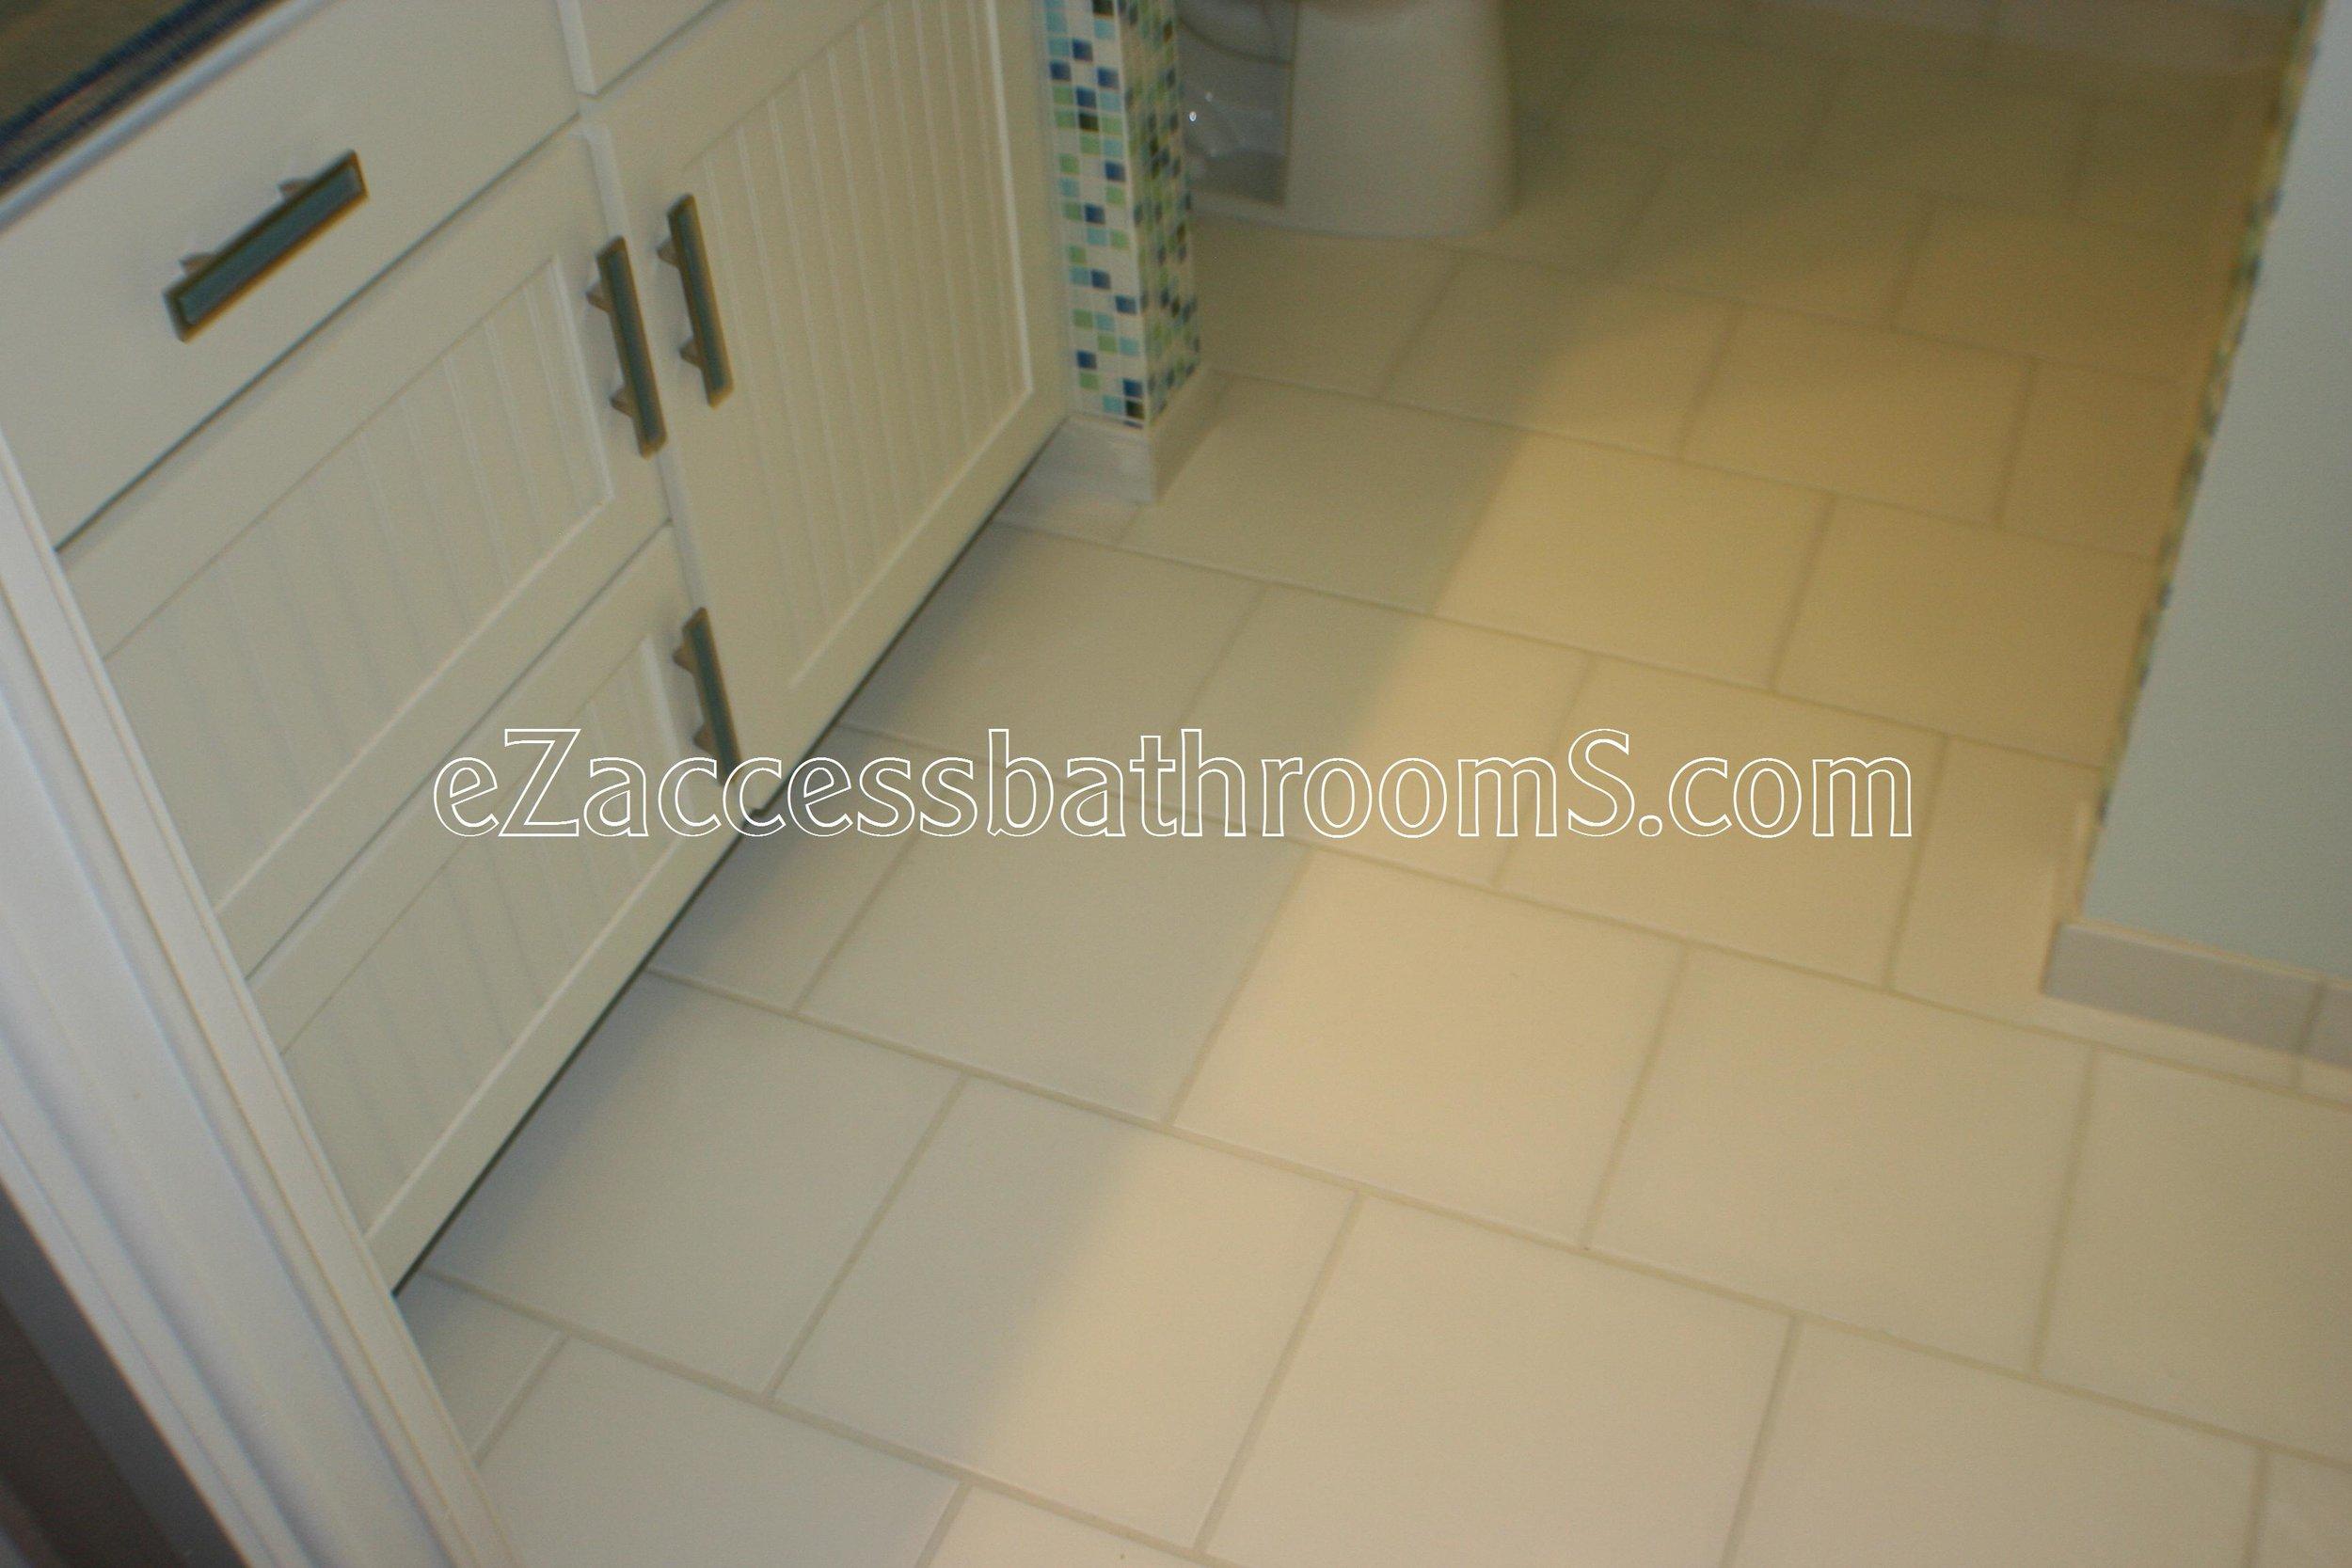 rollin shower ezaccessbathrooms.com 0028.JPG